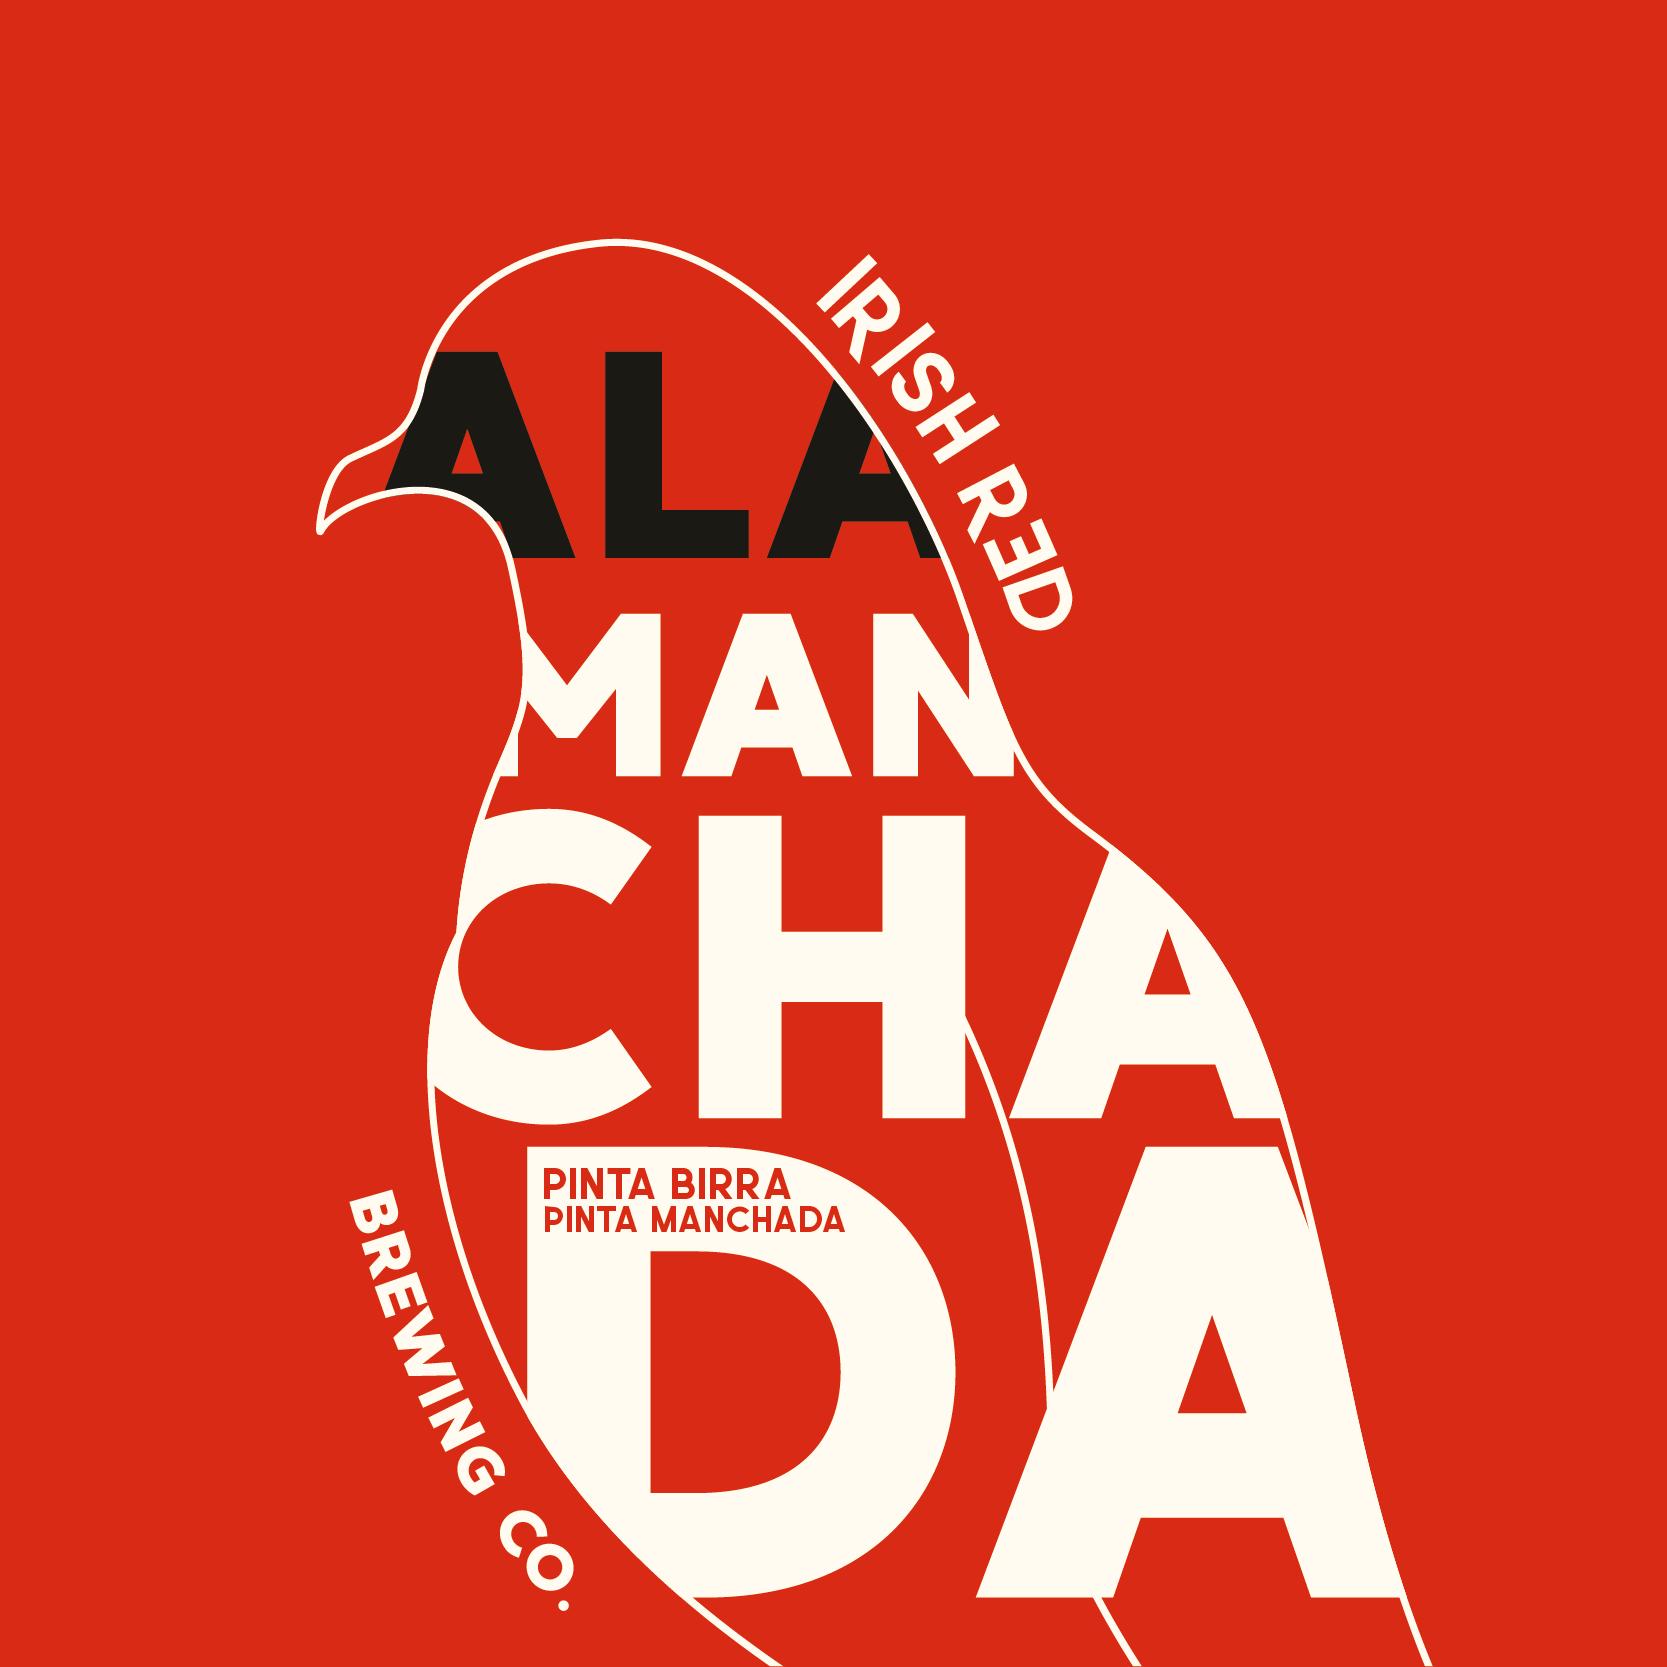 Propuesta Rediseño Isologotipo para Ala Manchada